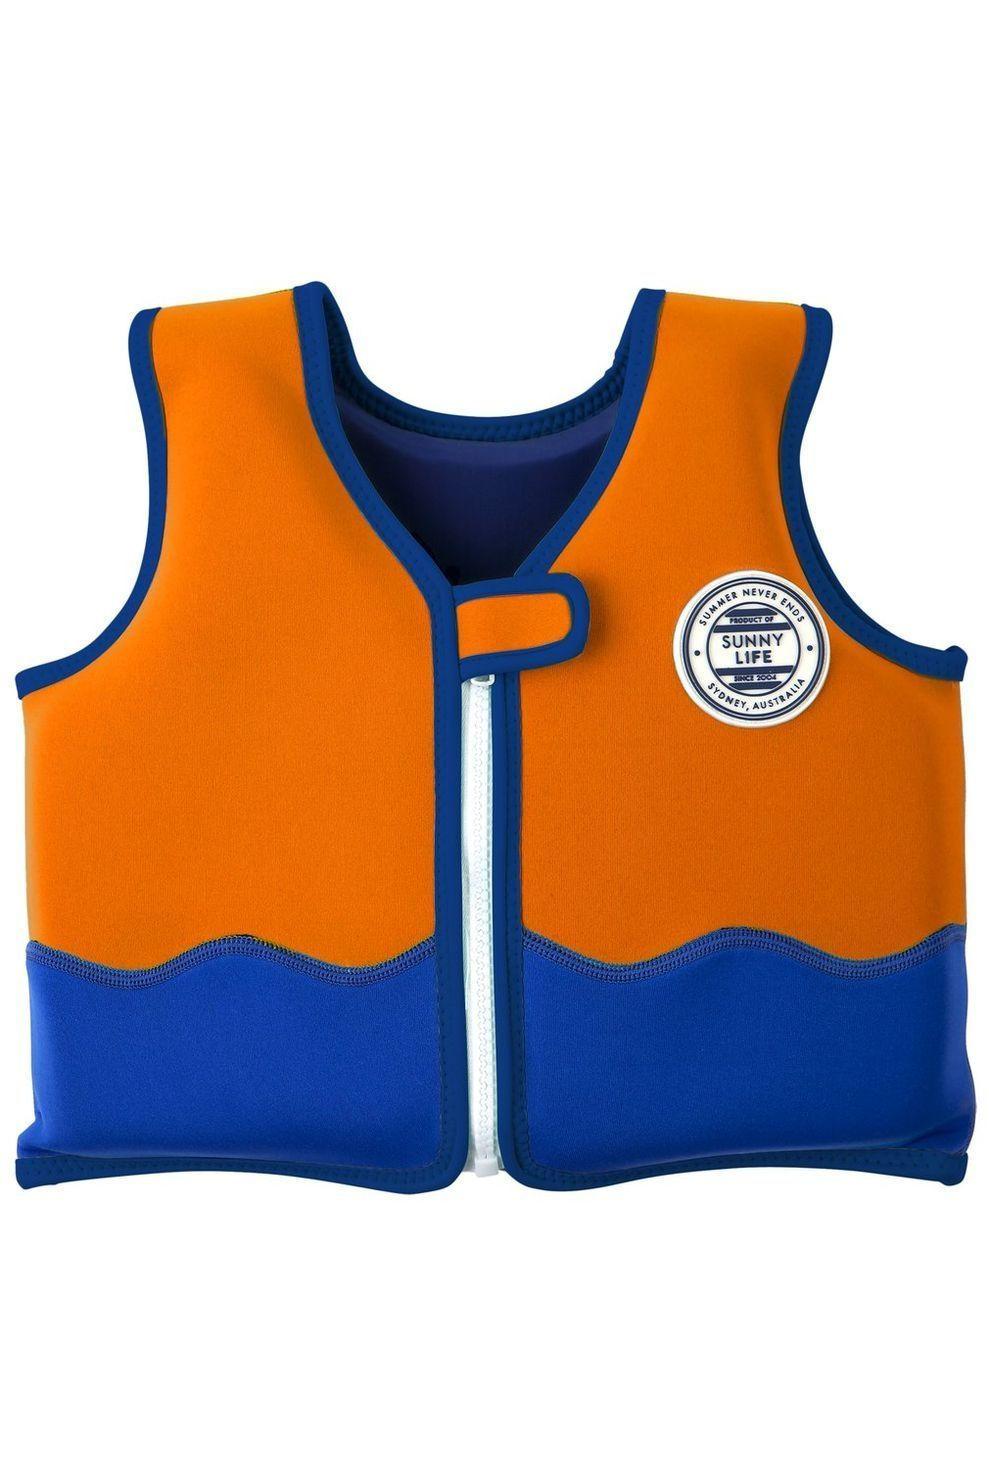 Sunnylife Zwemvest Sharky 1-2 jaar voor kids - Oranje/Blauw